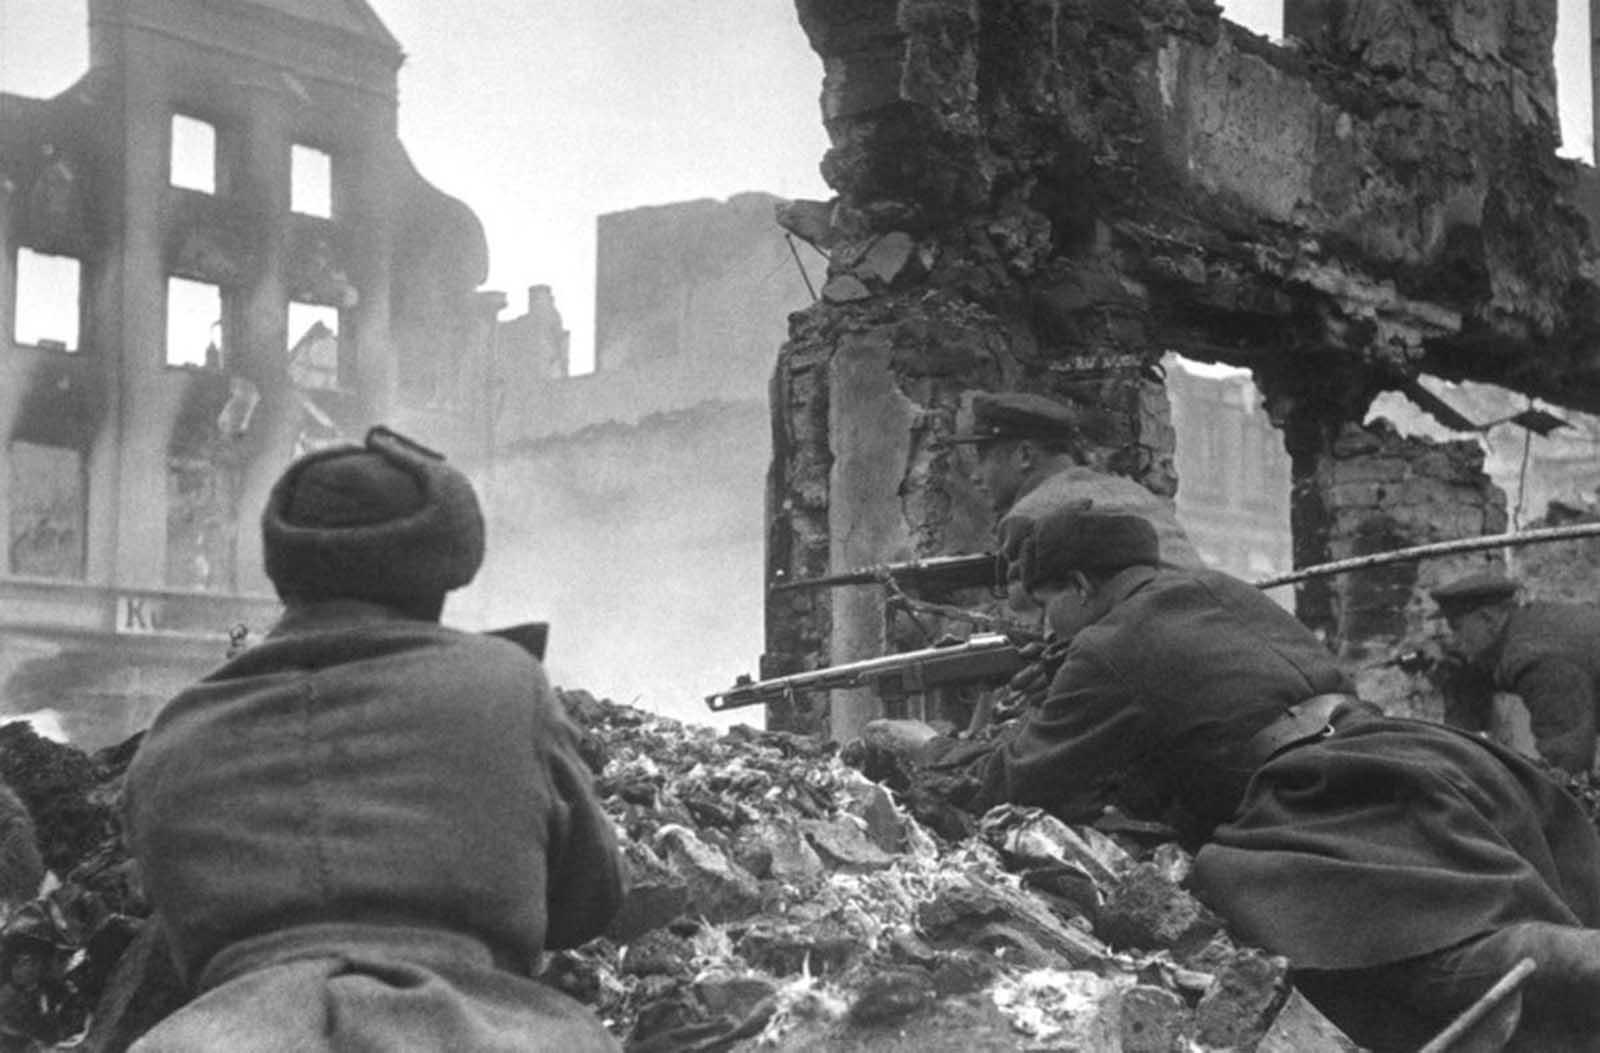 Last_days_of_Nazi_Germany (31).jpg